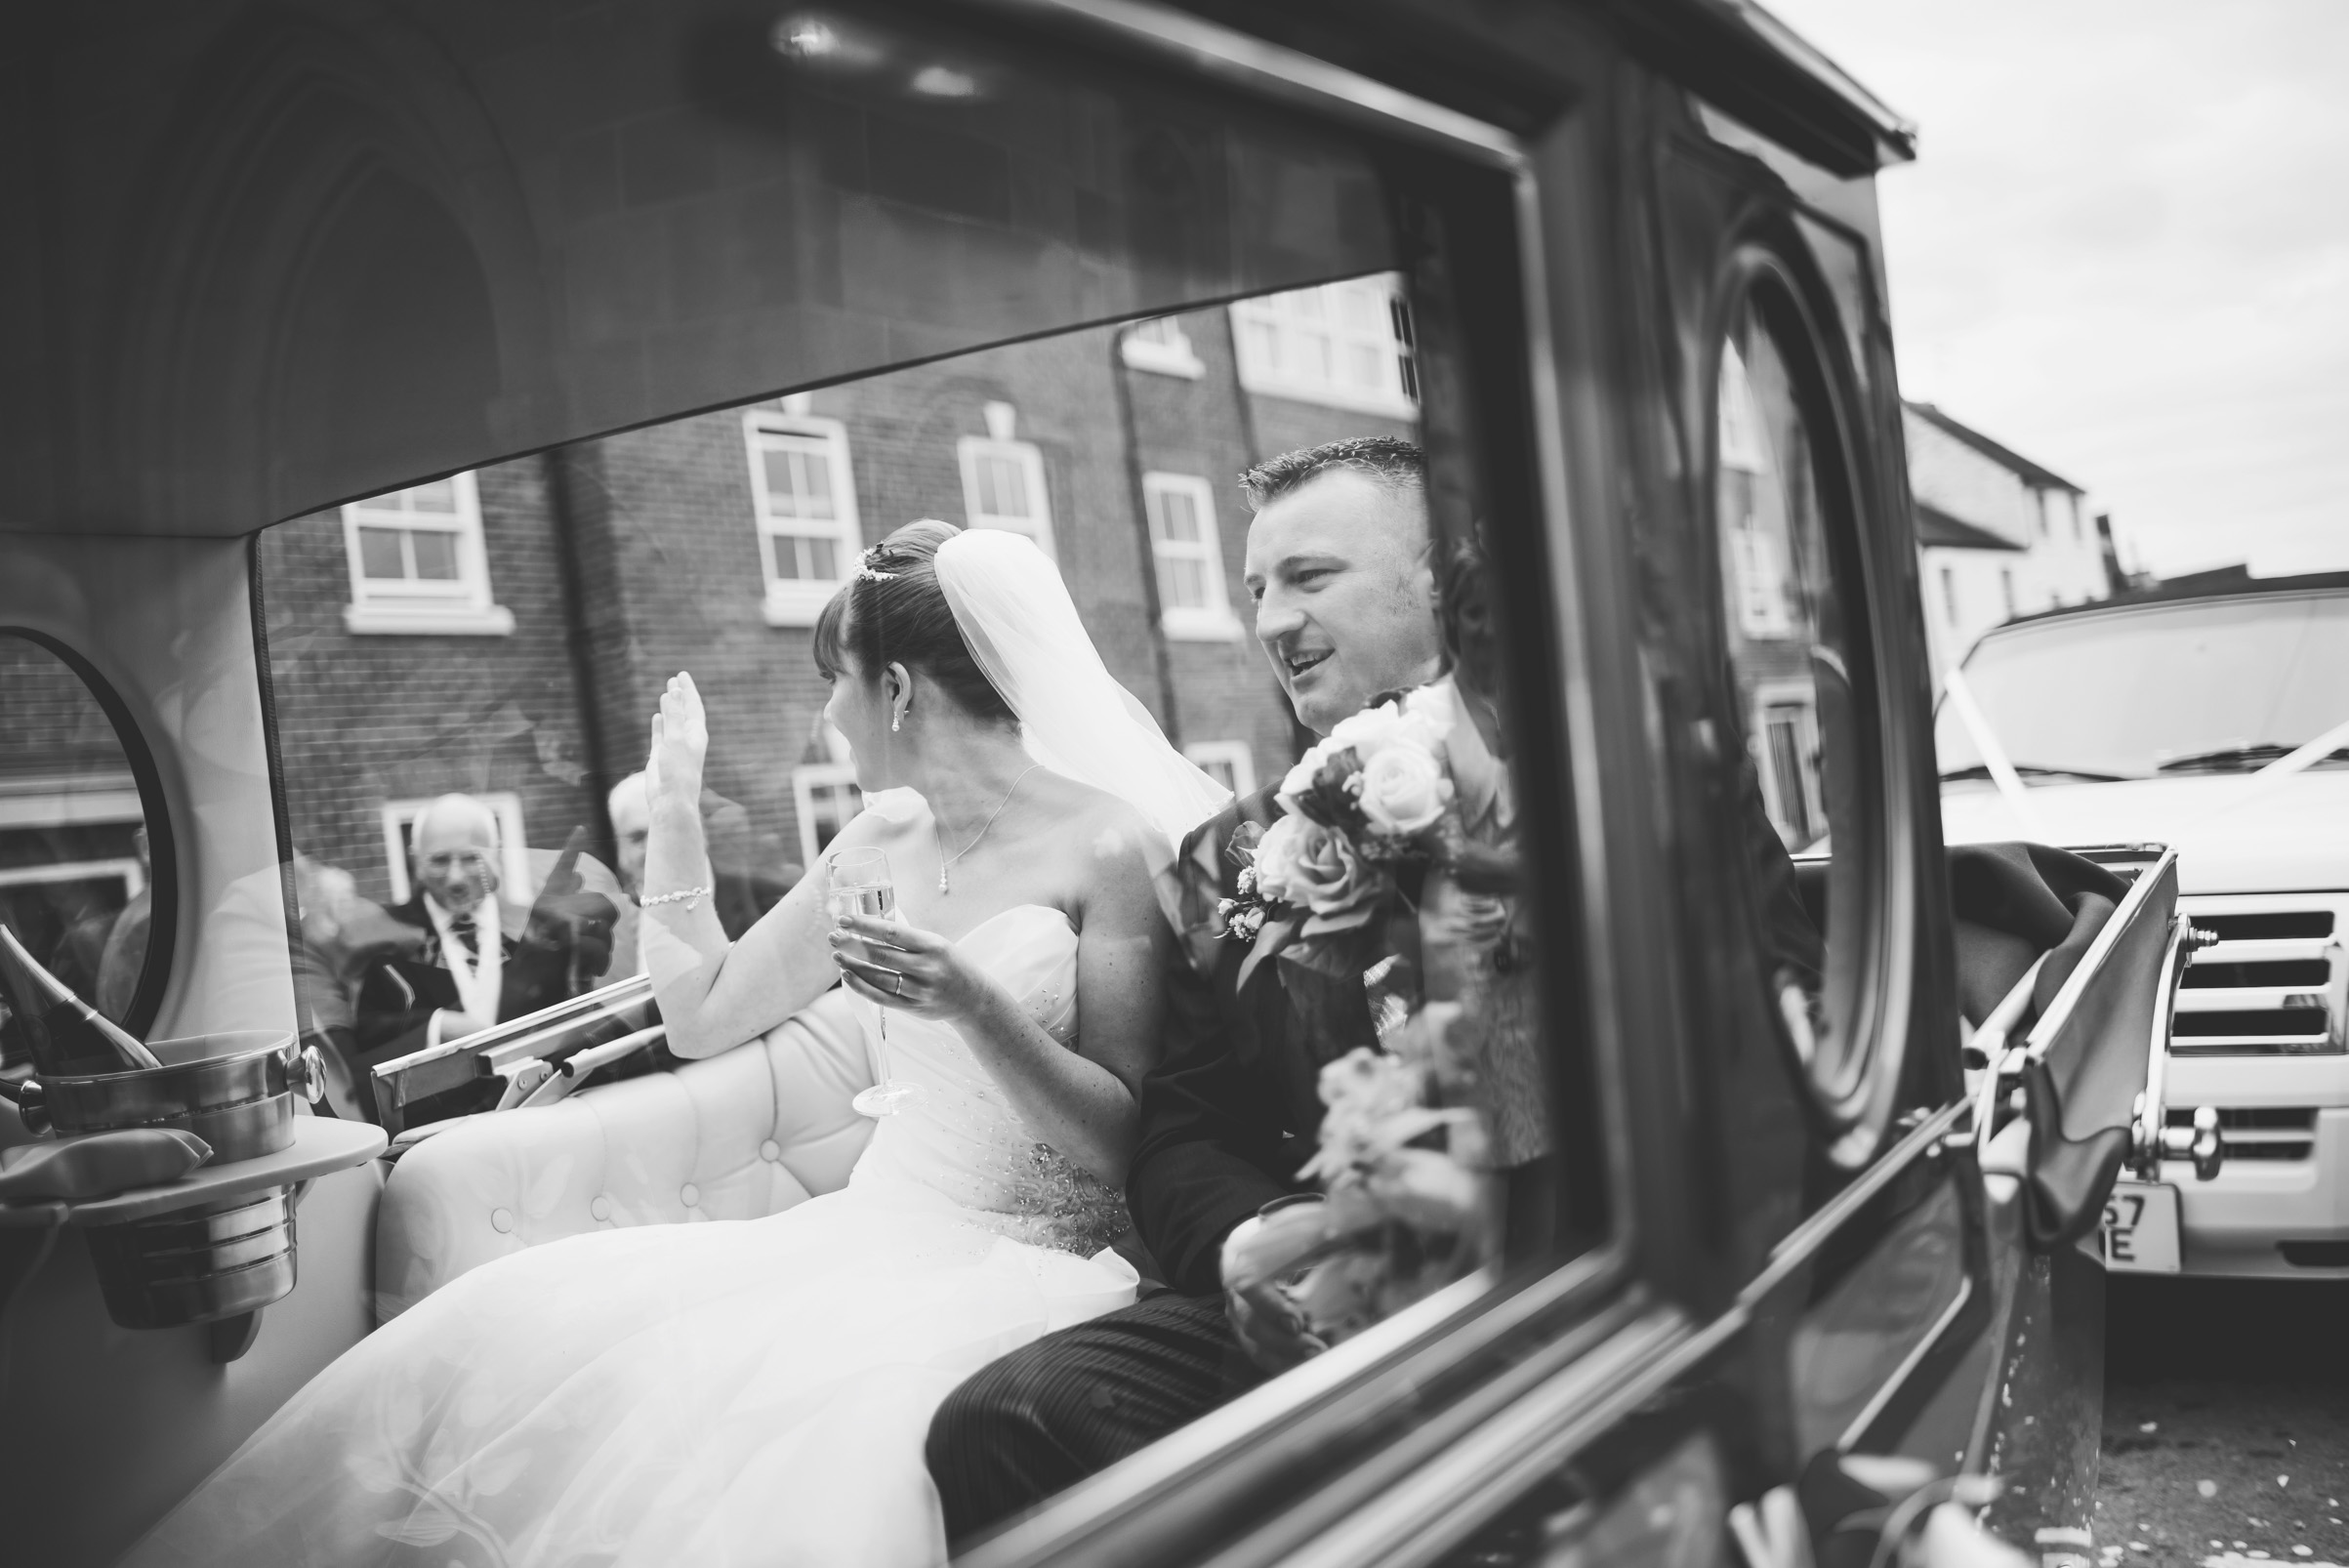 Farm-wedding-staffordshire-st-marys-catholic-church-uttoxter-49.jpg